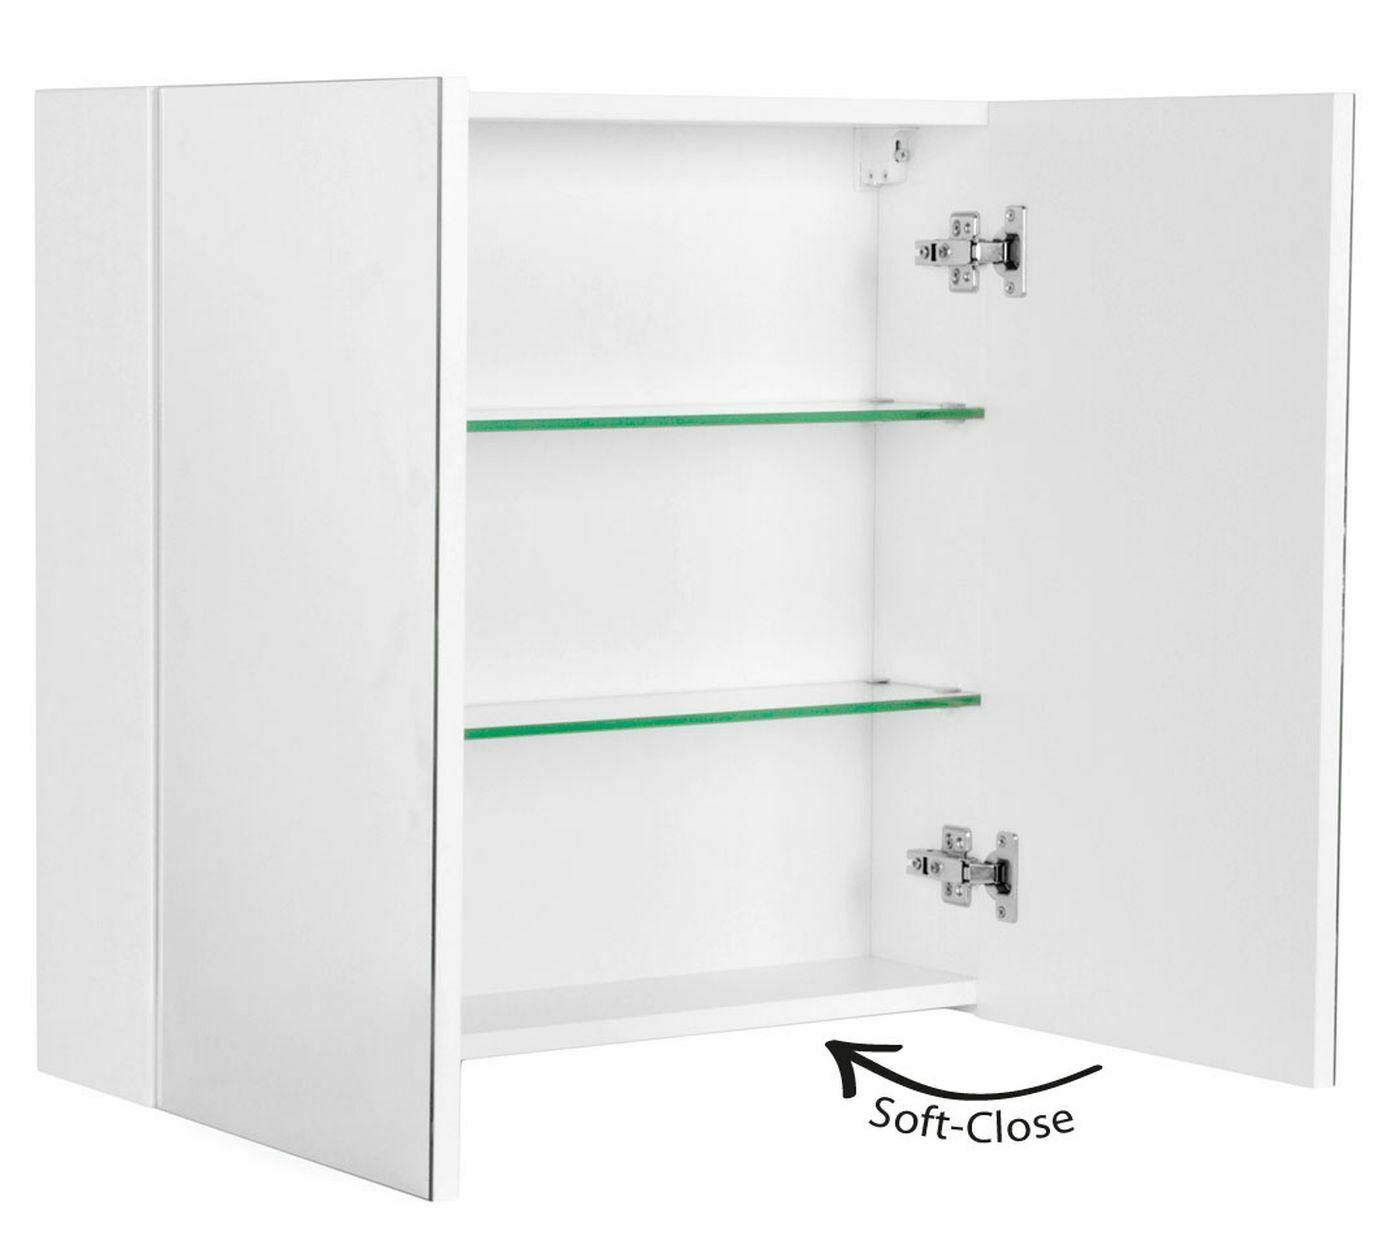 Badezimmer Spiegelschrank 75 cm CARMENTA 2 Soft-Close Türen Weiss  *CA7562-101